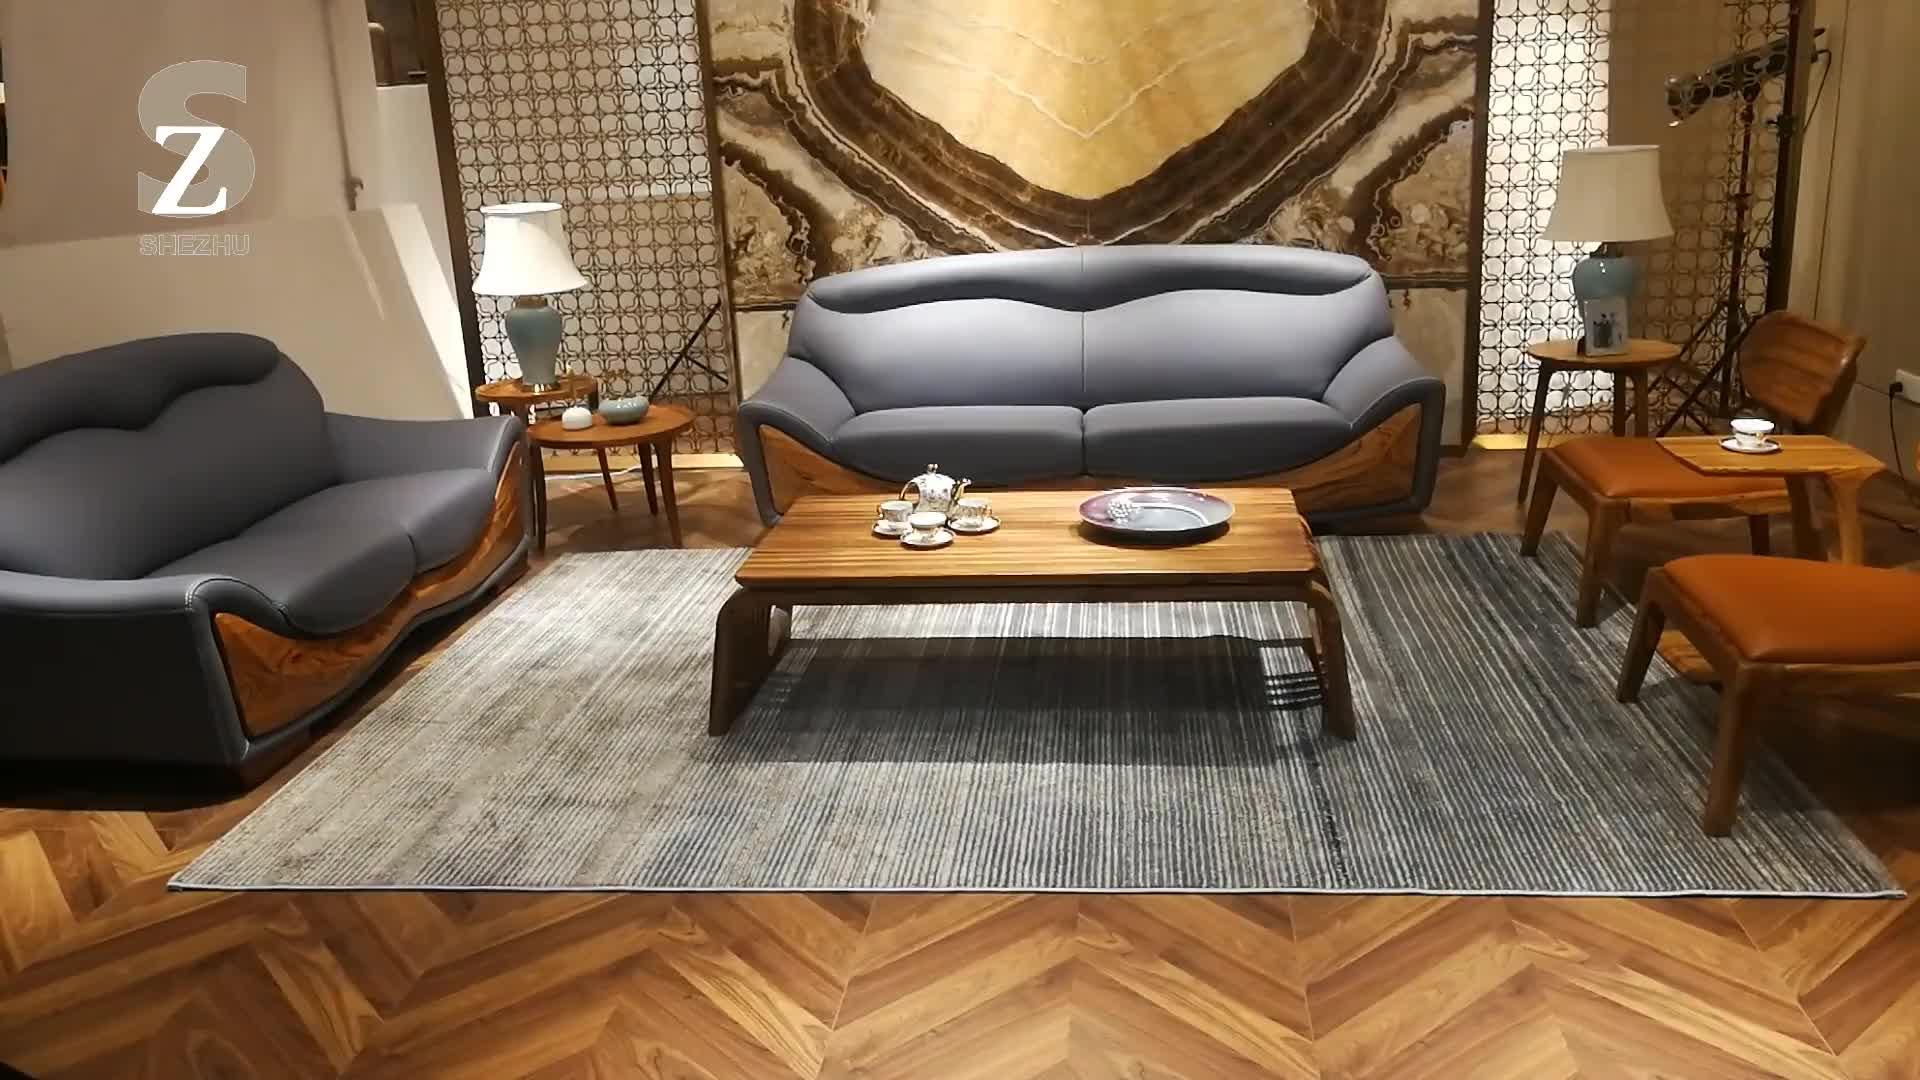 3 plazas relajarse sofá de cuero 1 sofá de 3 plazas sofá de cuero moderno